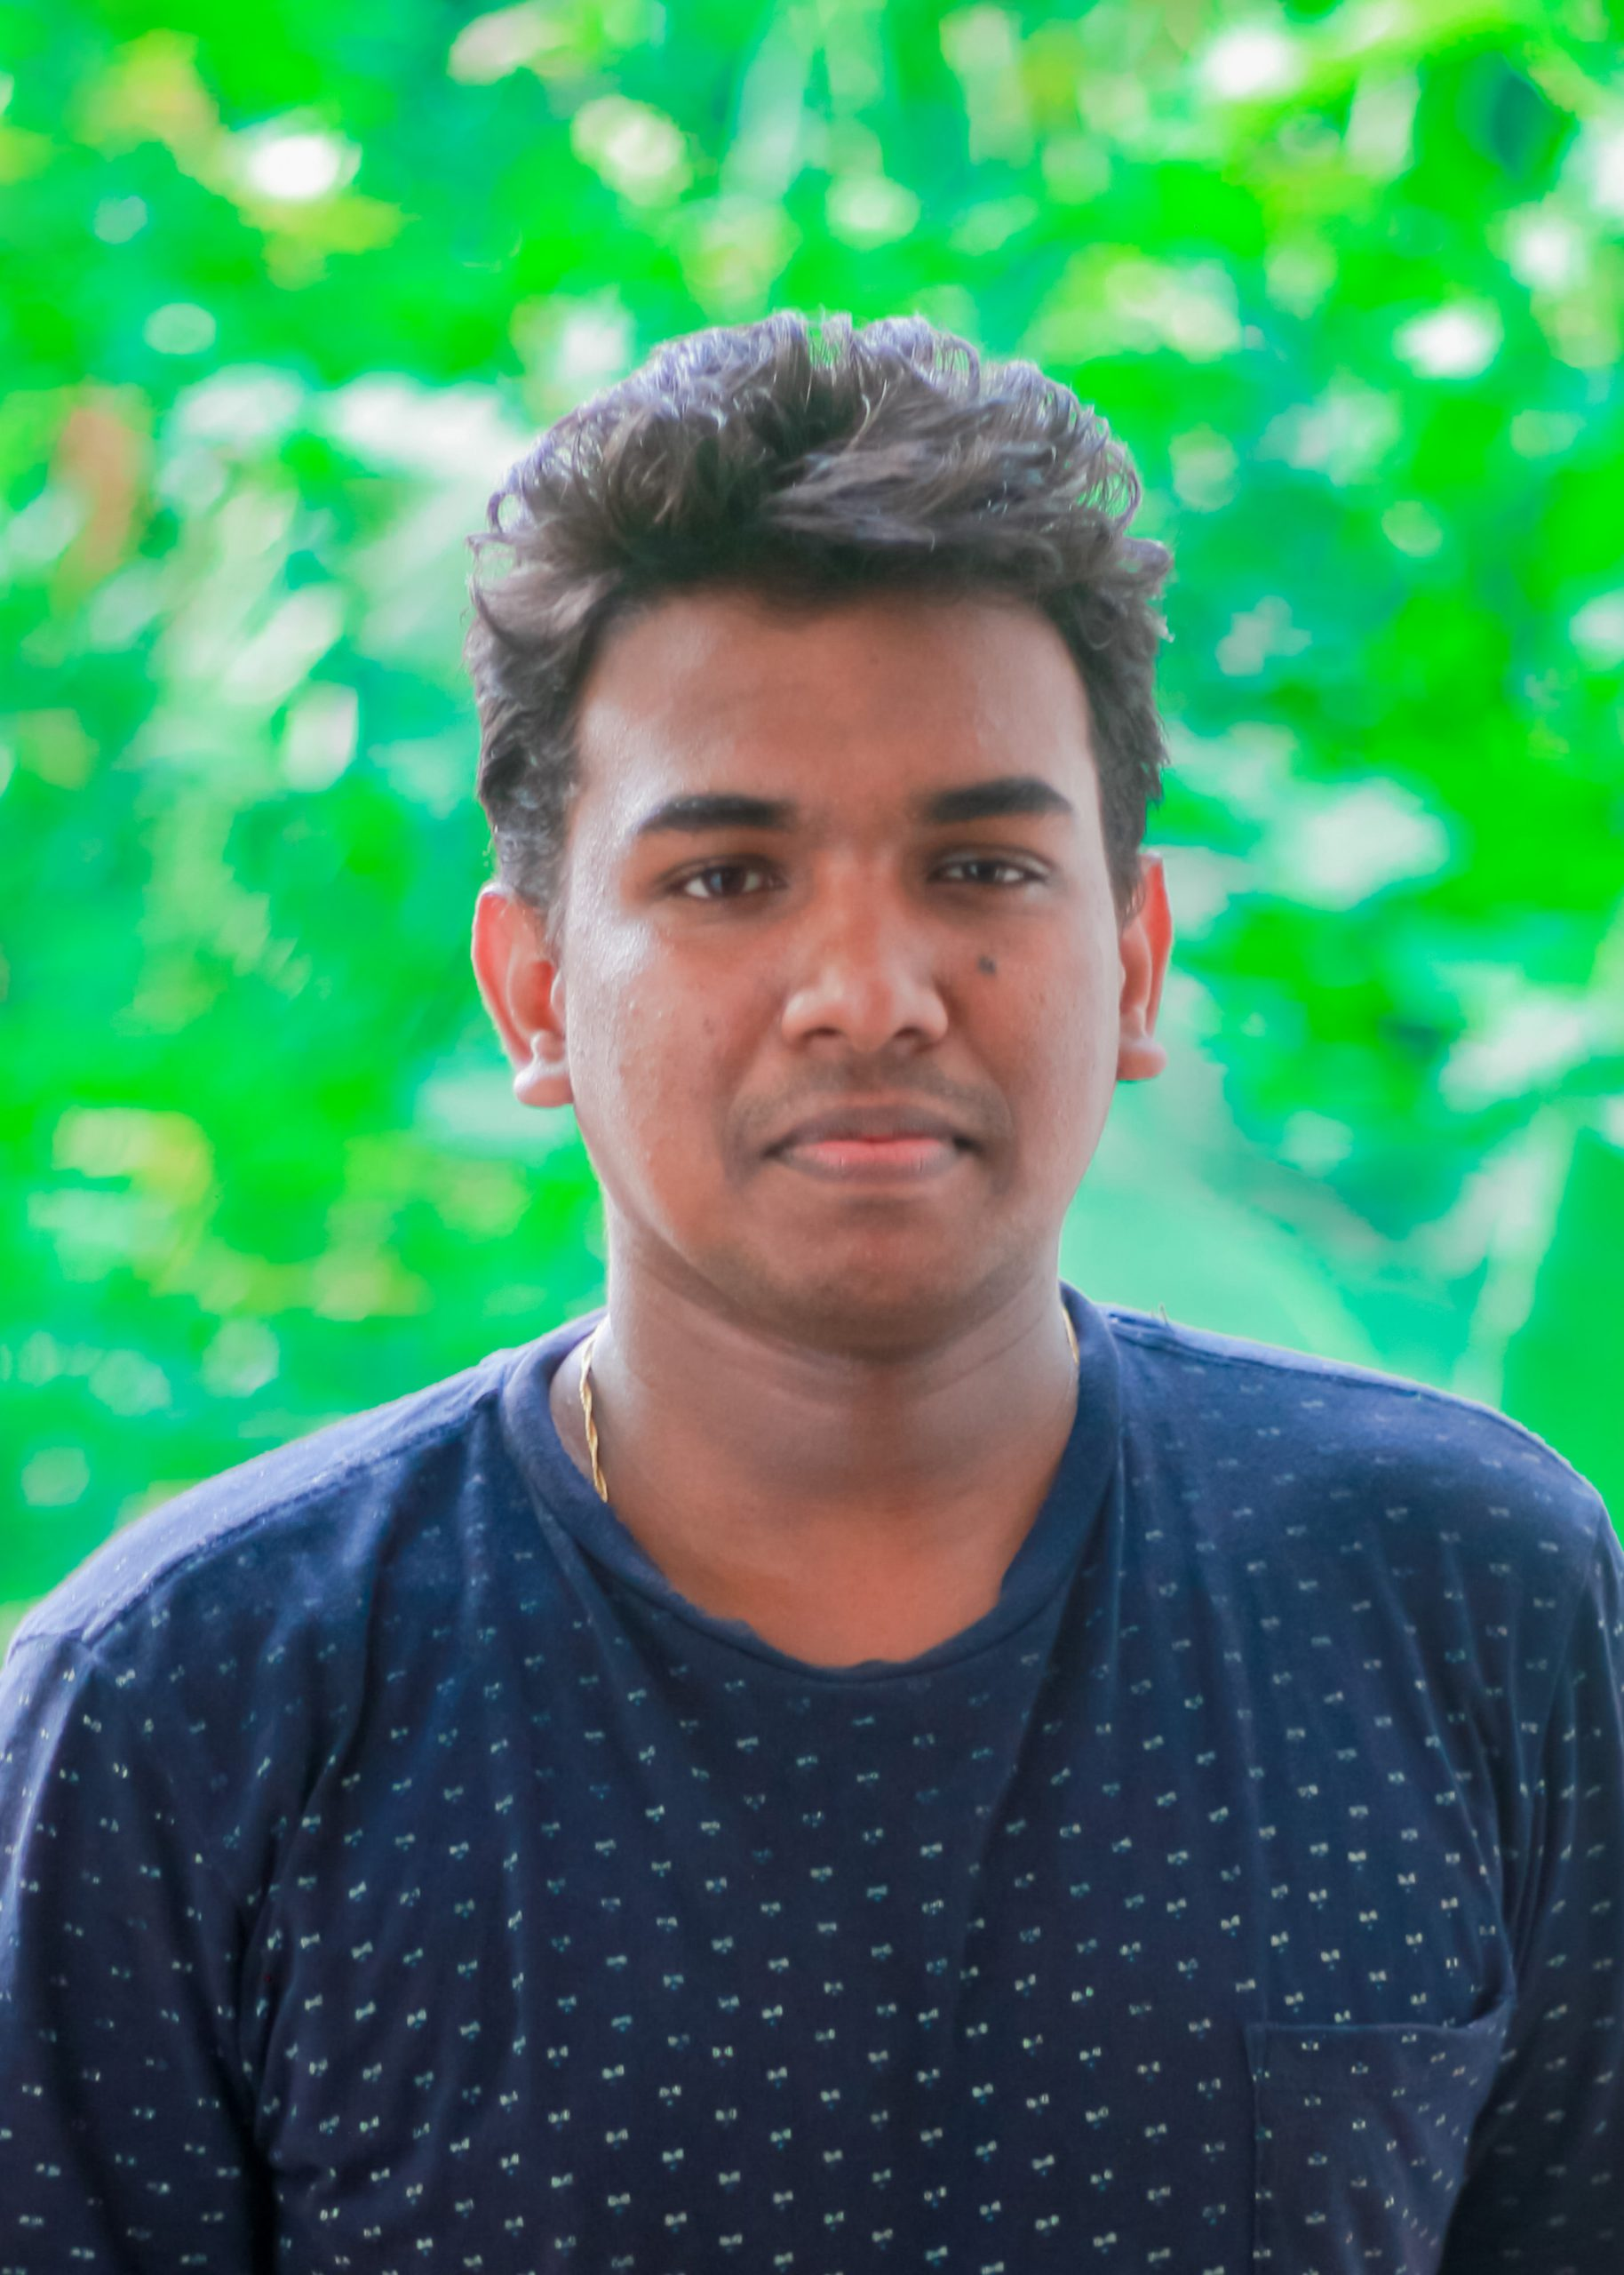 Dilshan Chathuranga